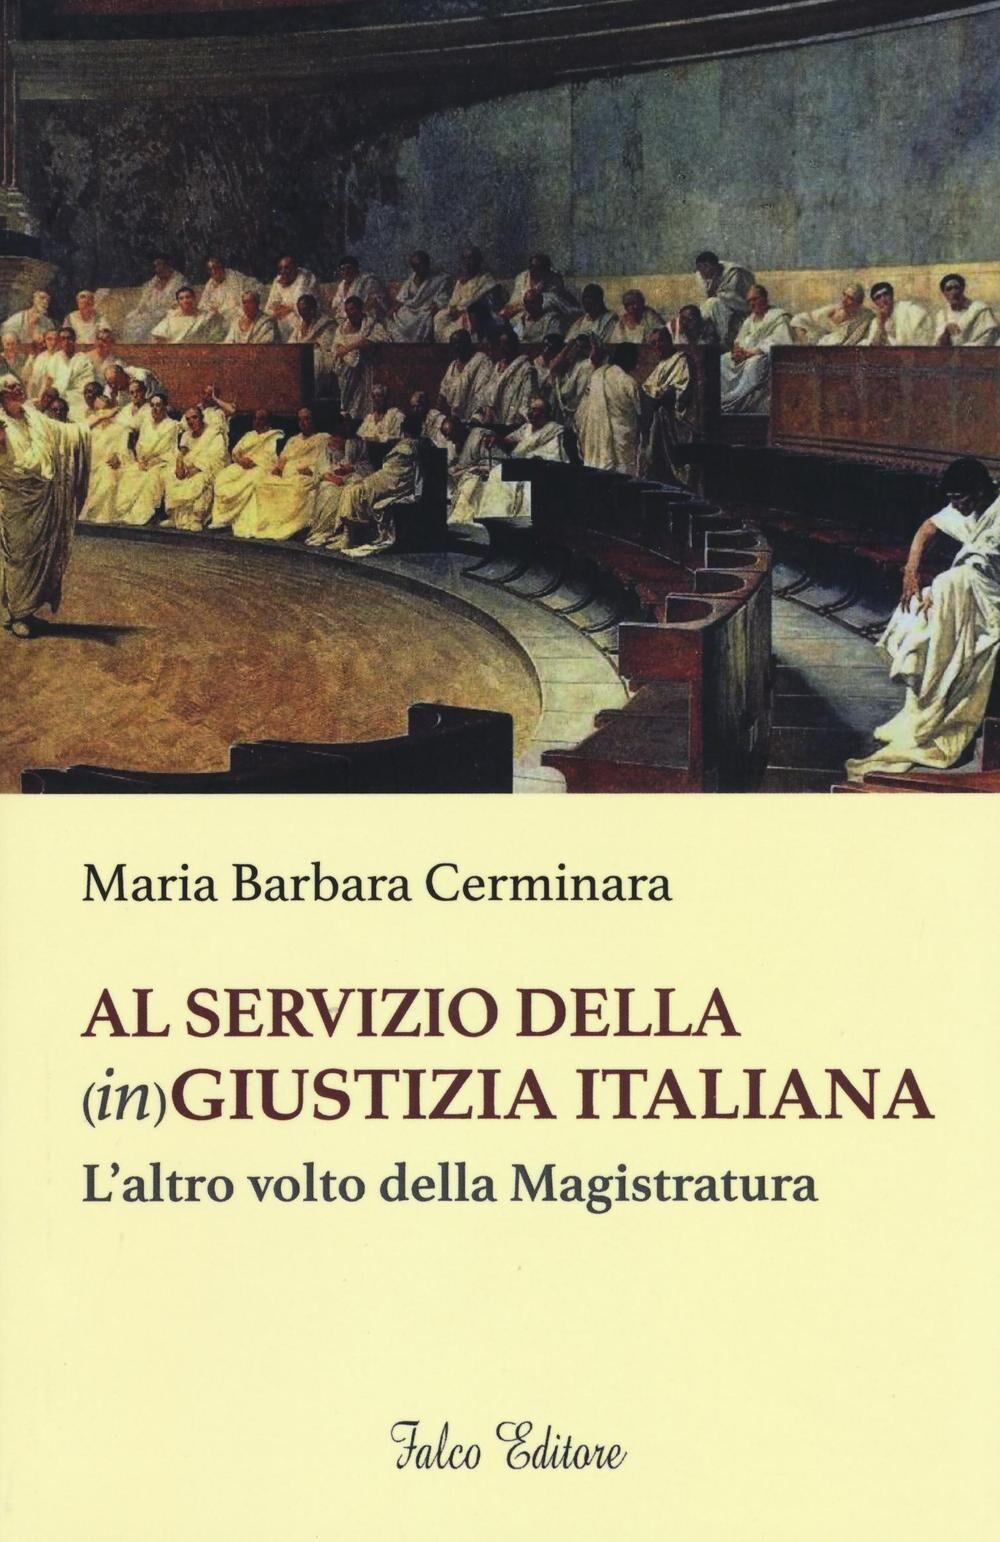 Al servizio della (in)giustizia italiana. L'altro volto della magistratura